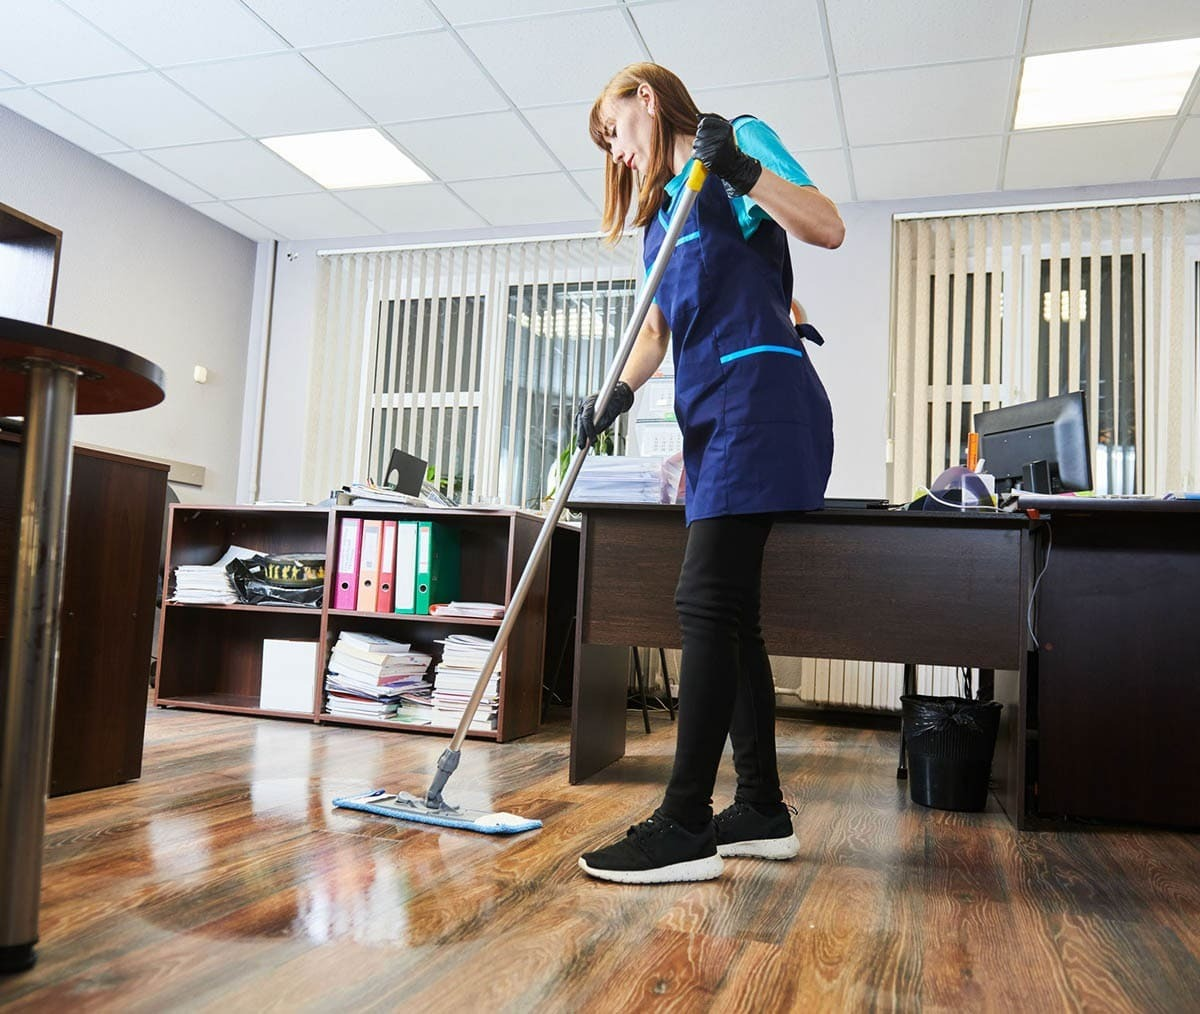 Как часто нужно проводить генеральную уборку офиса?